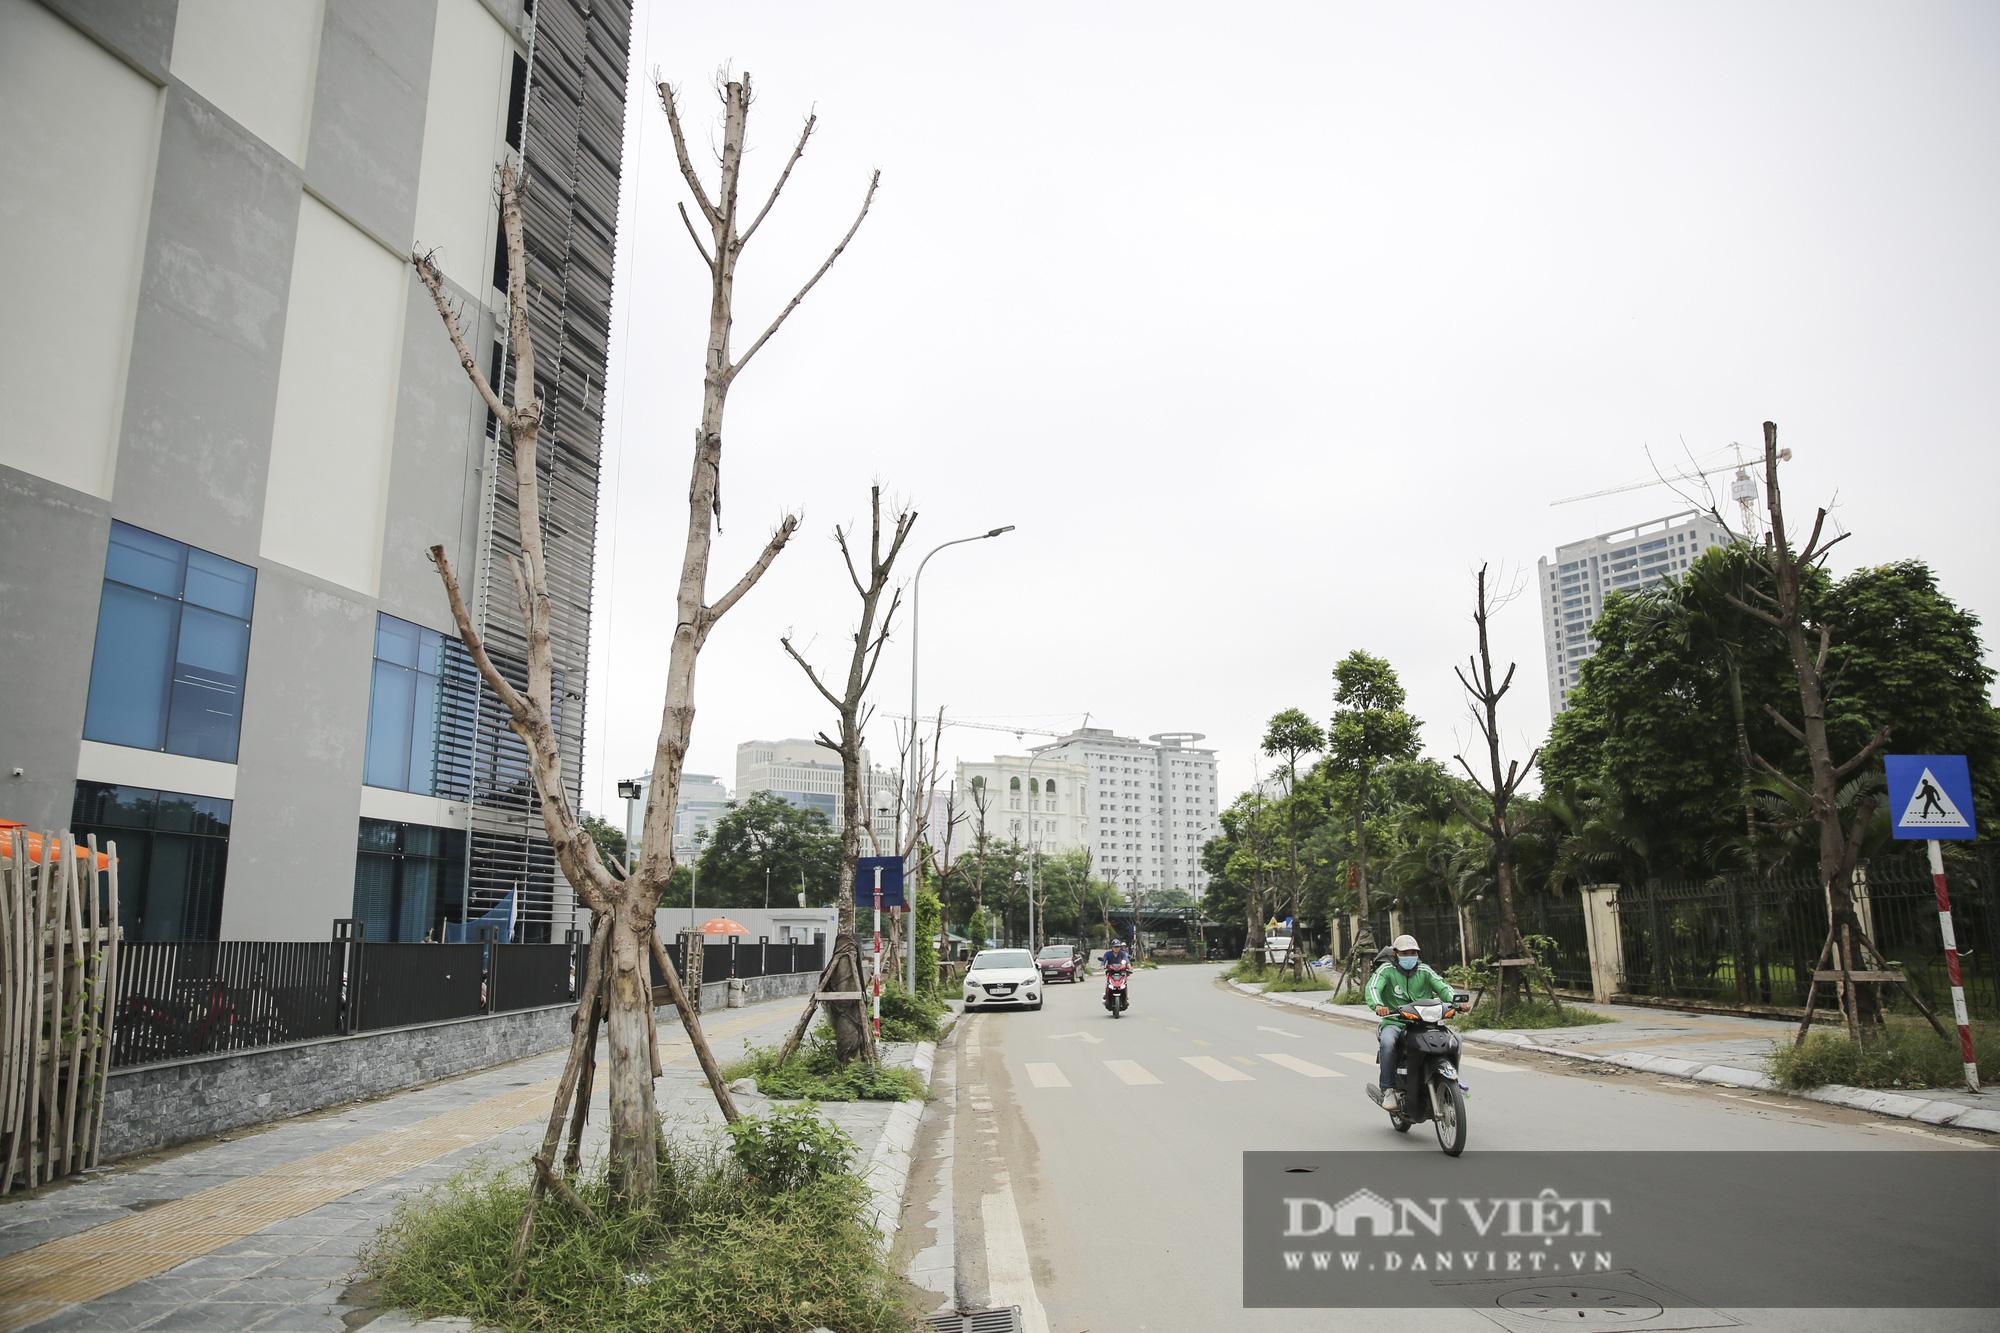 Hà Nội: Nhiều cây xanh trồng mới có dấu hiệu chết khô  - Ảnh 1.